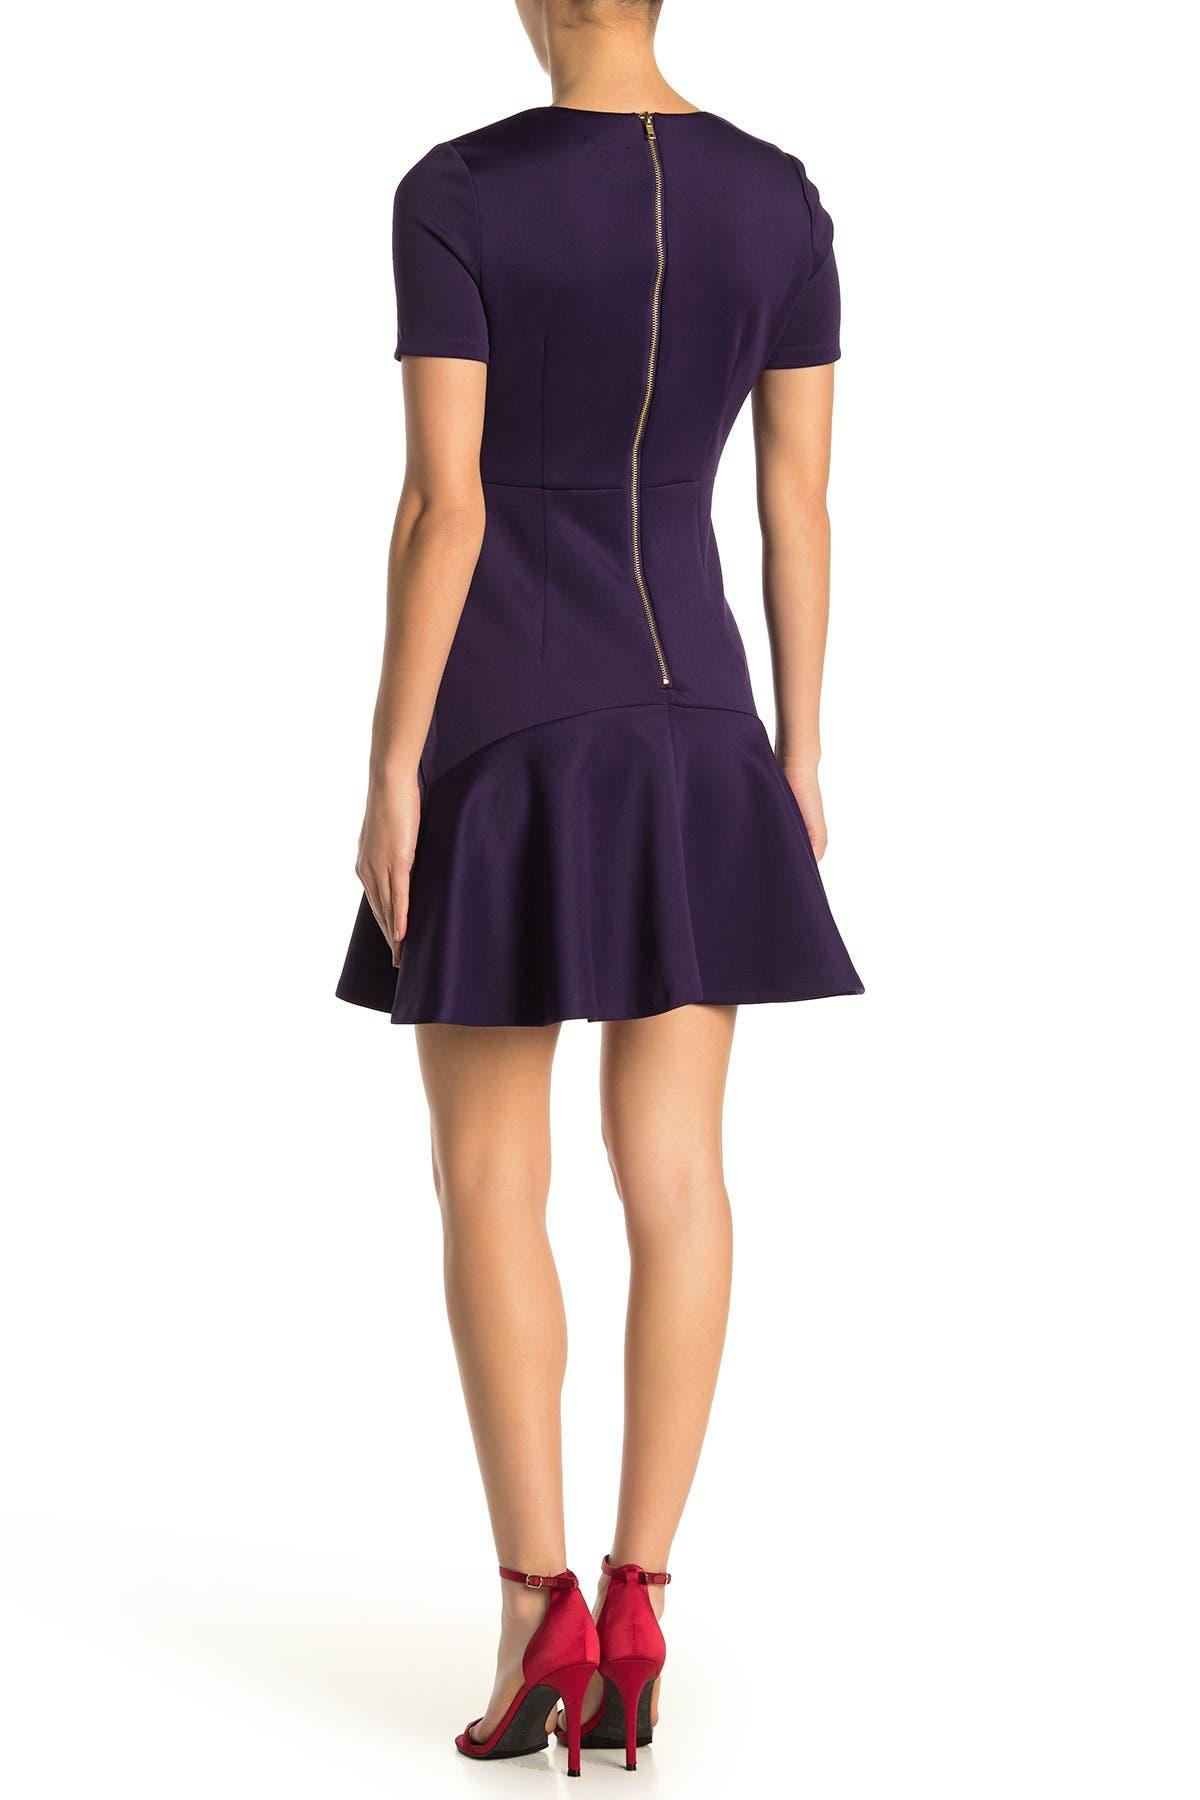 Image of Alexia Admor Monica Ruffle Hem Dress